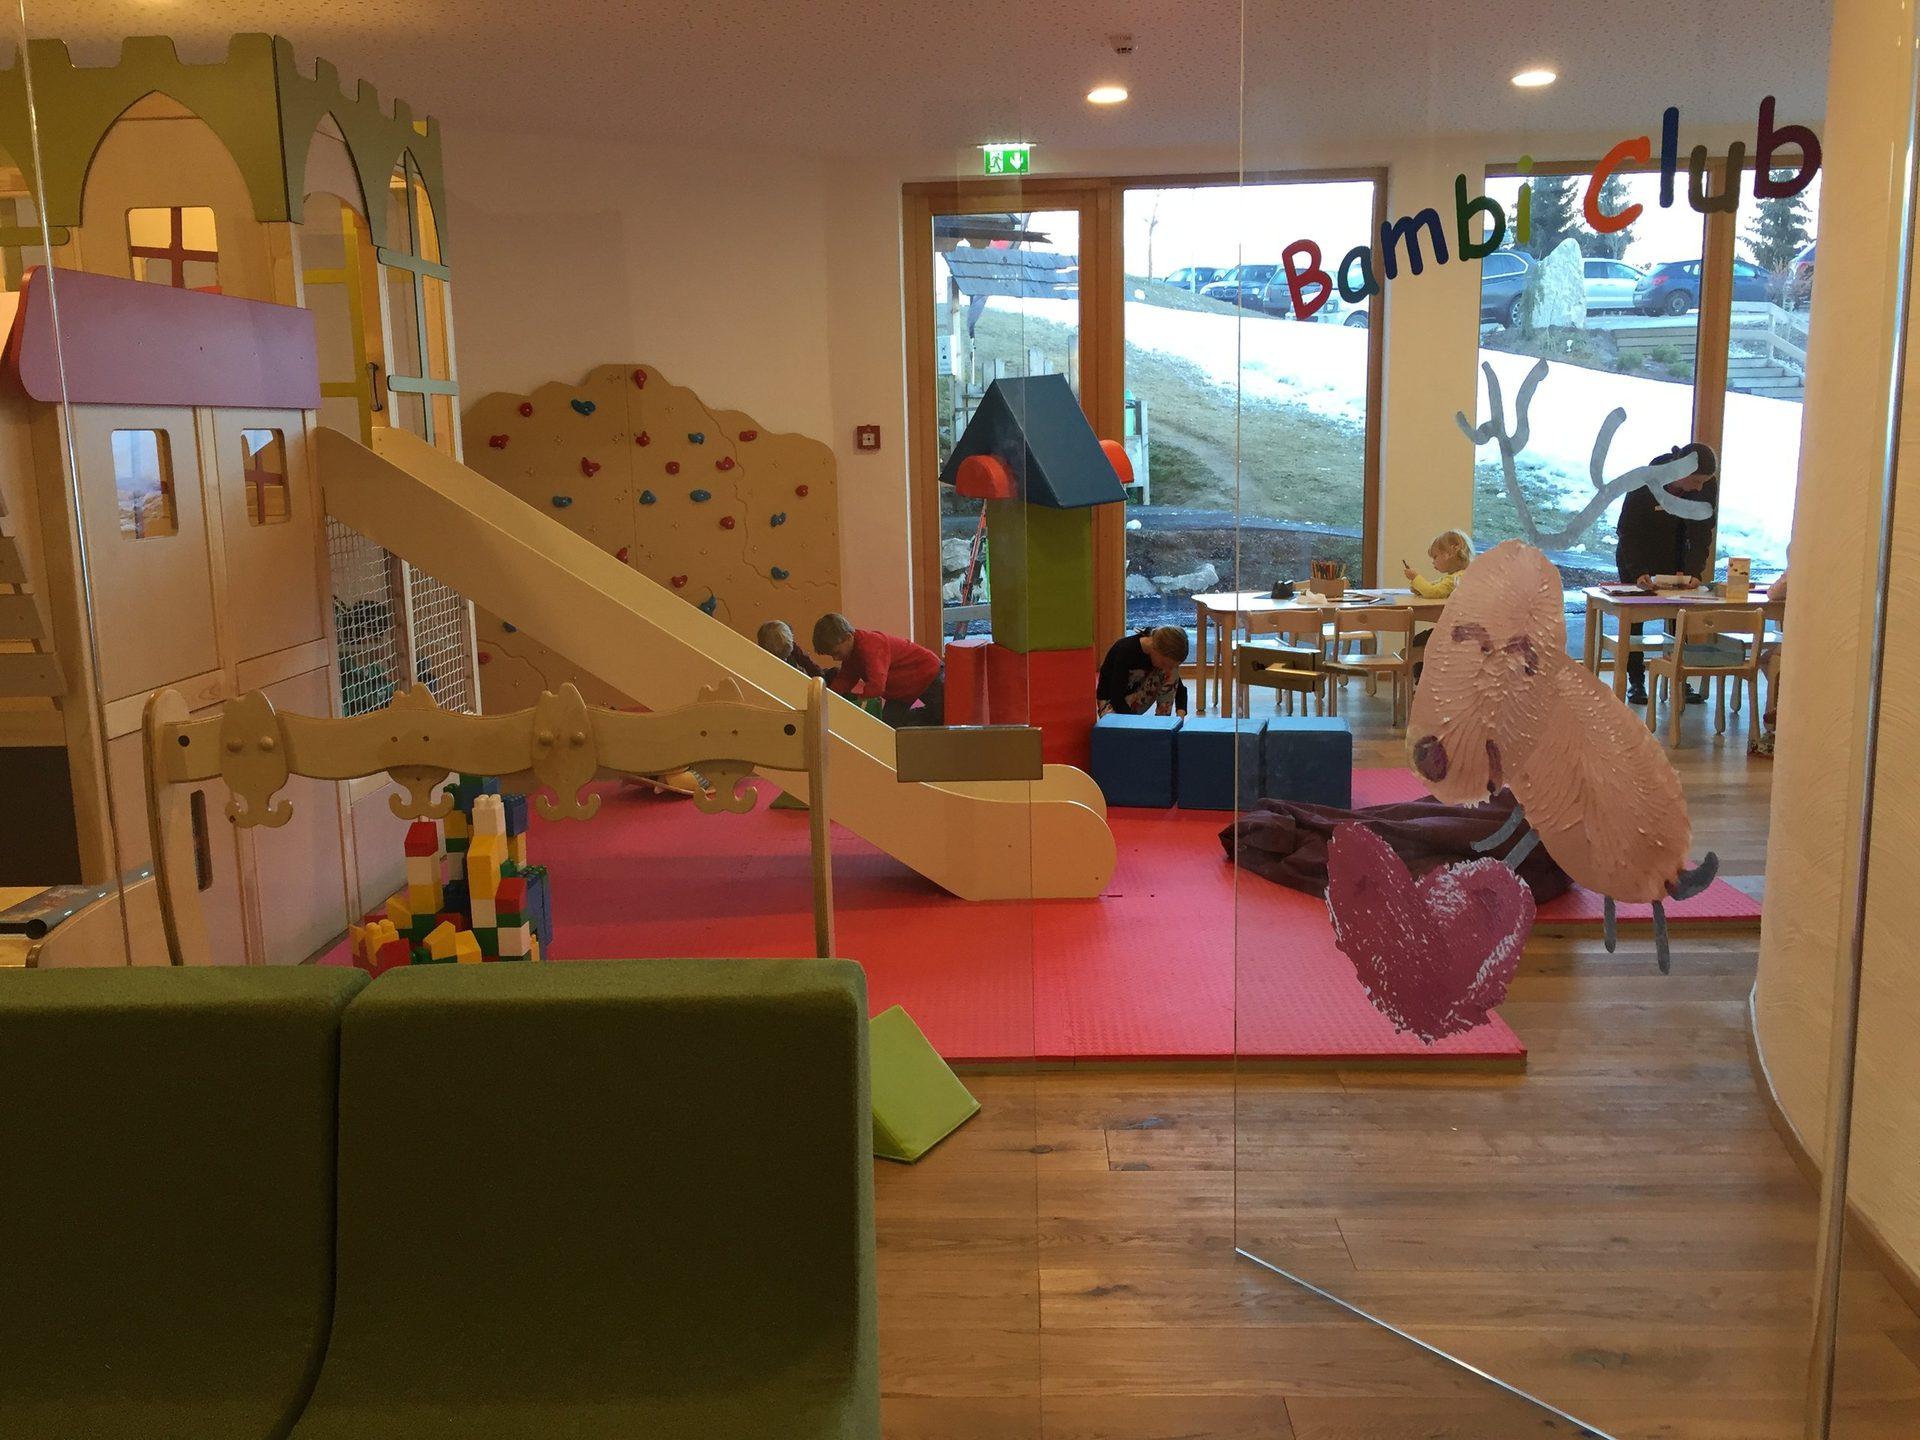 Familienurlaub und kinderwelt 4 wellness hotel schladming for Jugendzimmer 6457